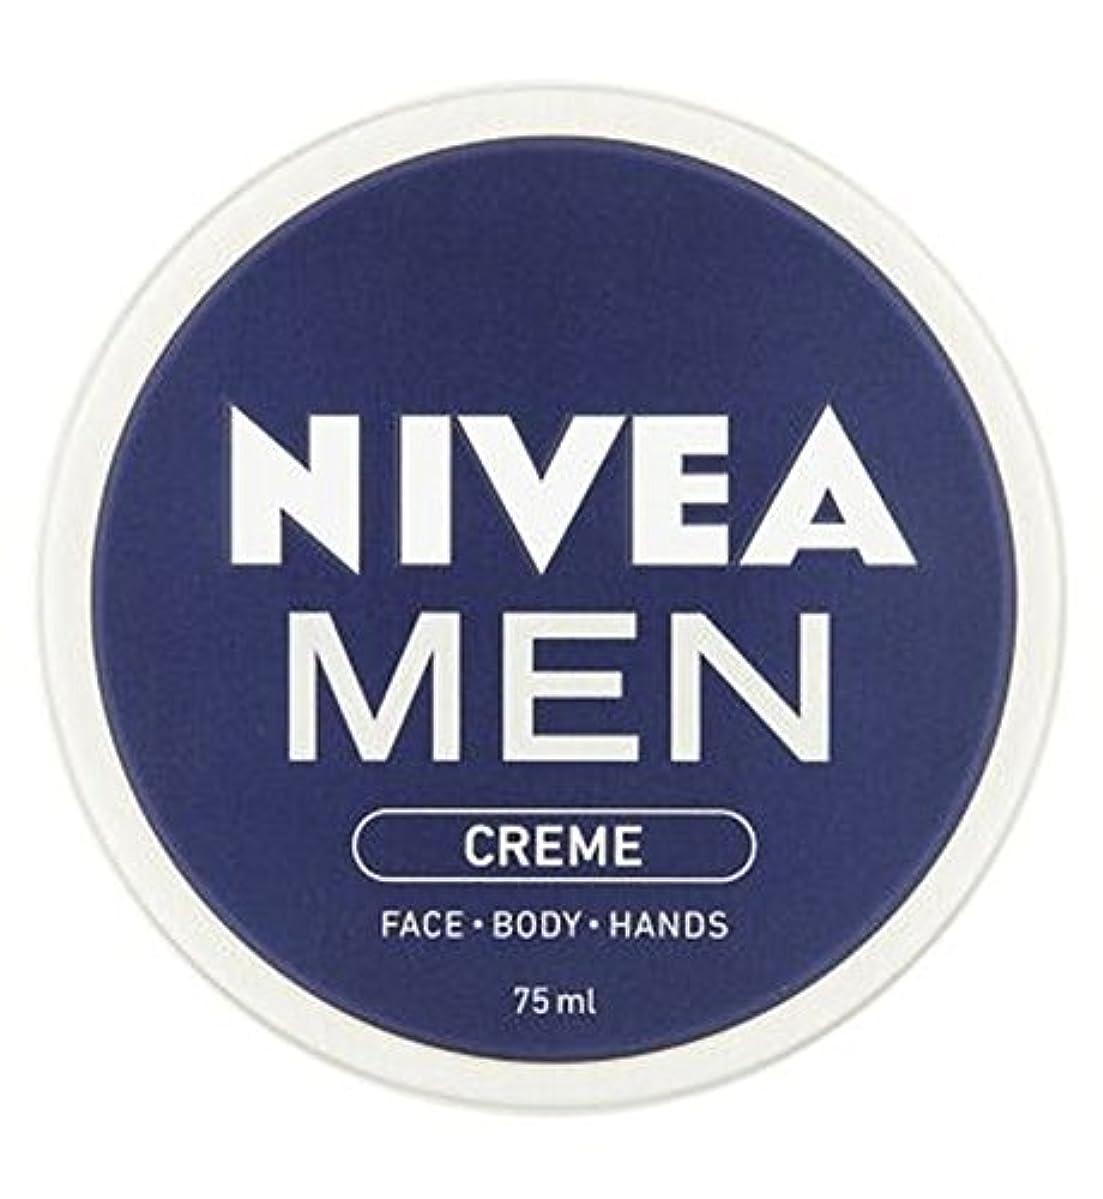 ケーブル不承認湿地NIVEA MEN Creme 75ml - ニベアの男性は75ミリリットルをクリーム (Nivea) [並行輸入品]